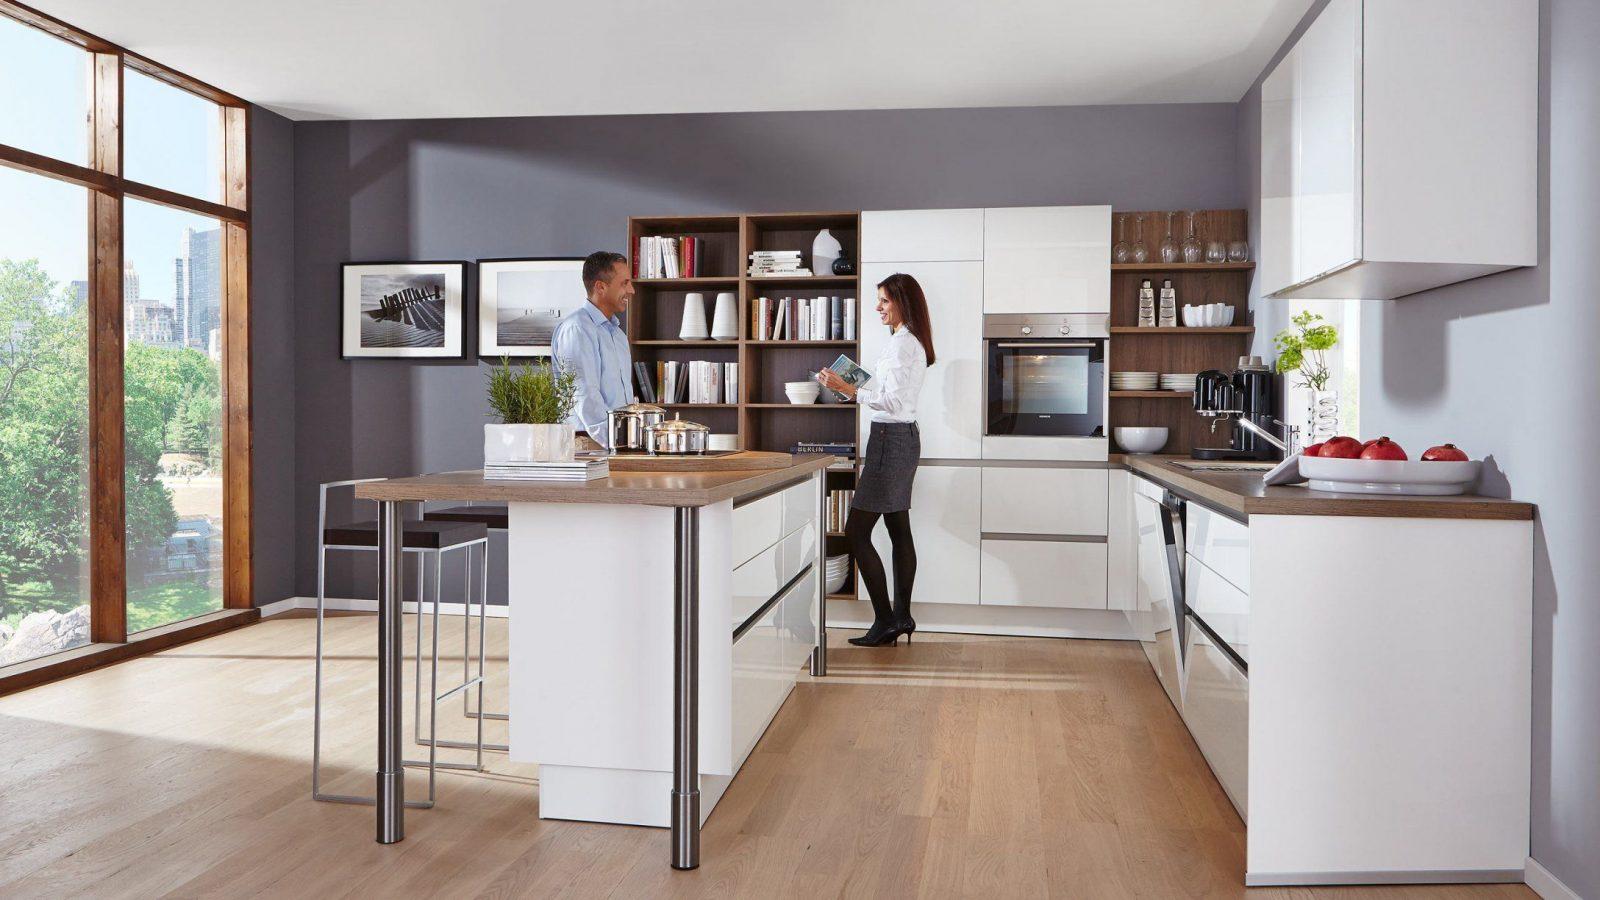 Startling Küchen Mit Kochinsel Und Esstisch  Home Design Ideas von Küche Mit Kochinsel Und Tisch Photo